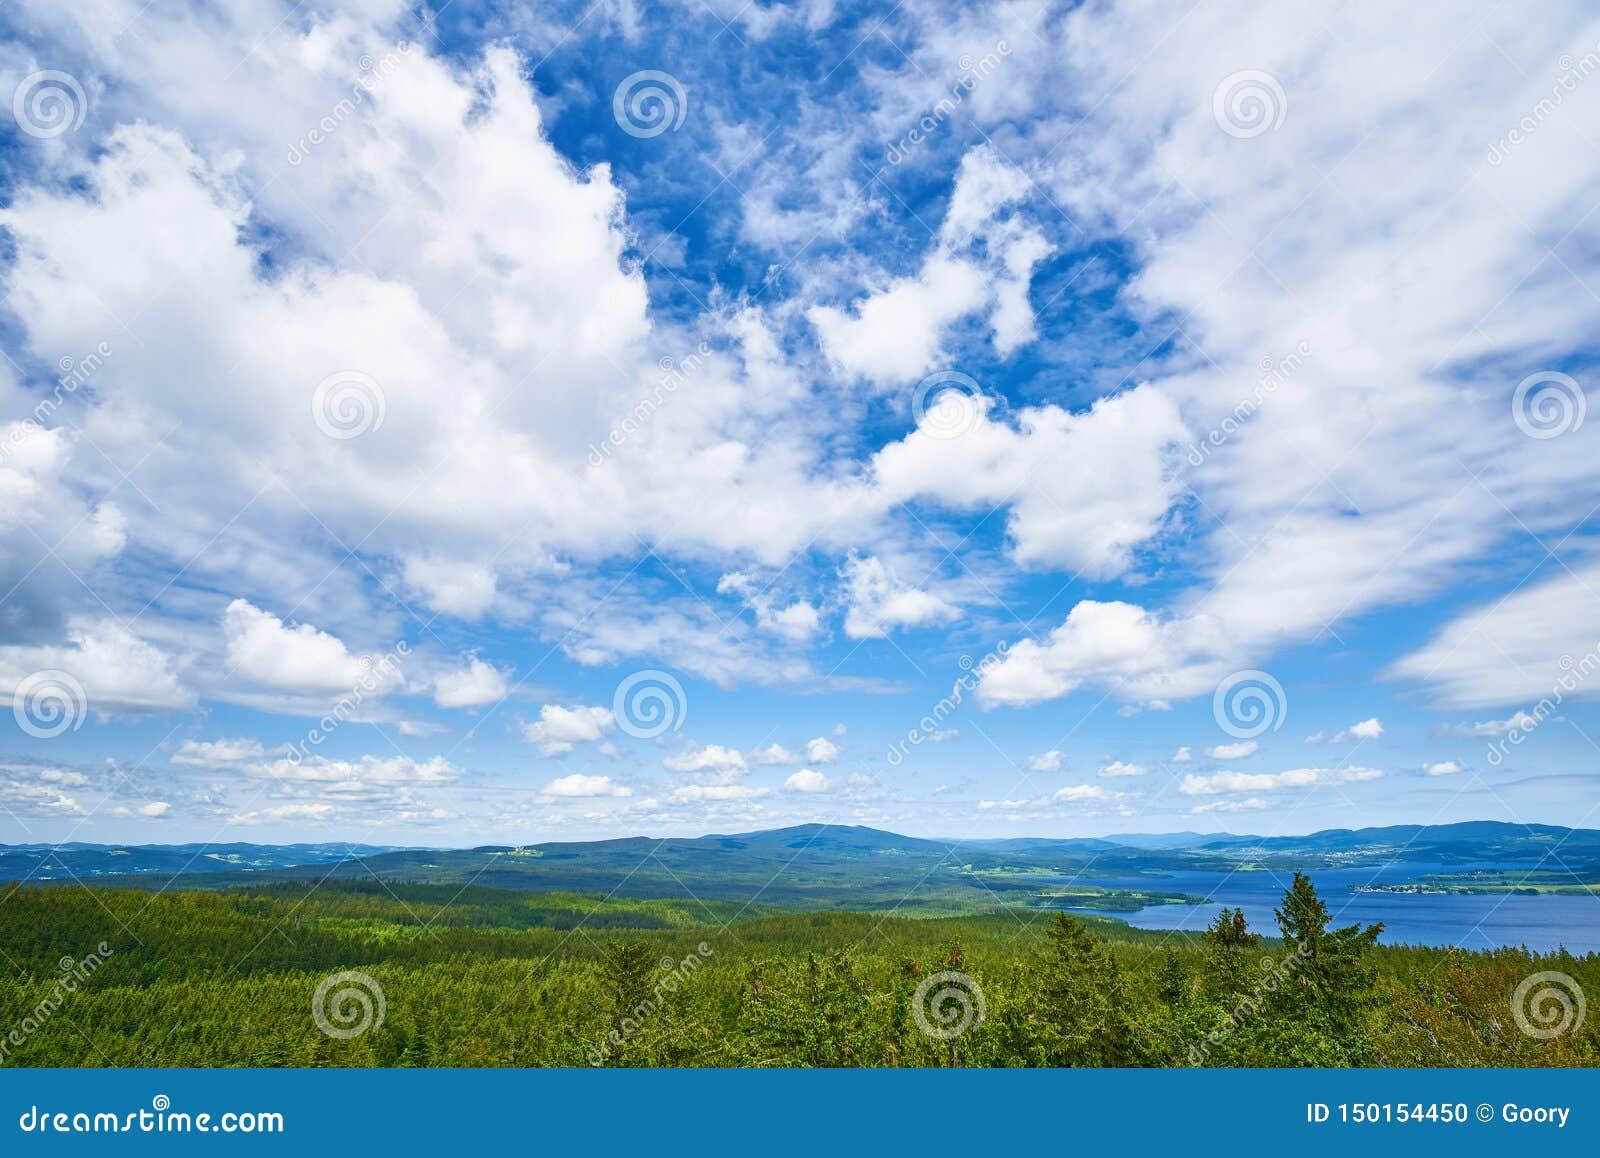 Lipno de sumava de montagne de forêt de ciel bleu